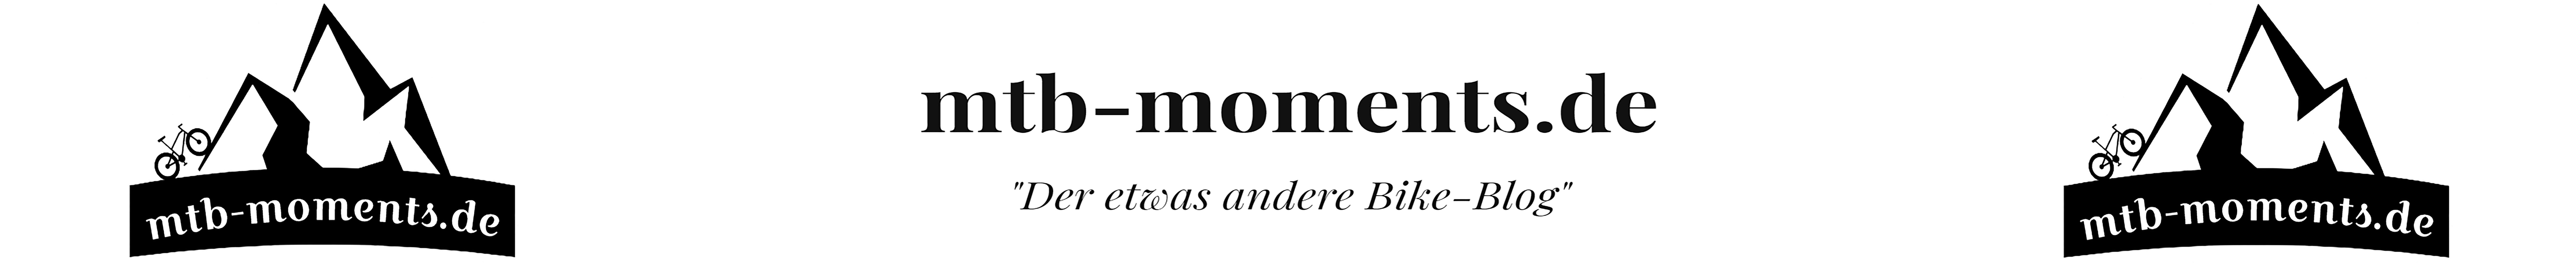 mtb-moments.de